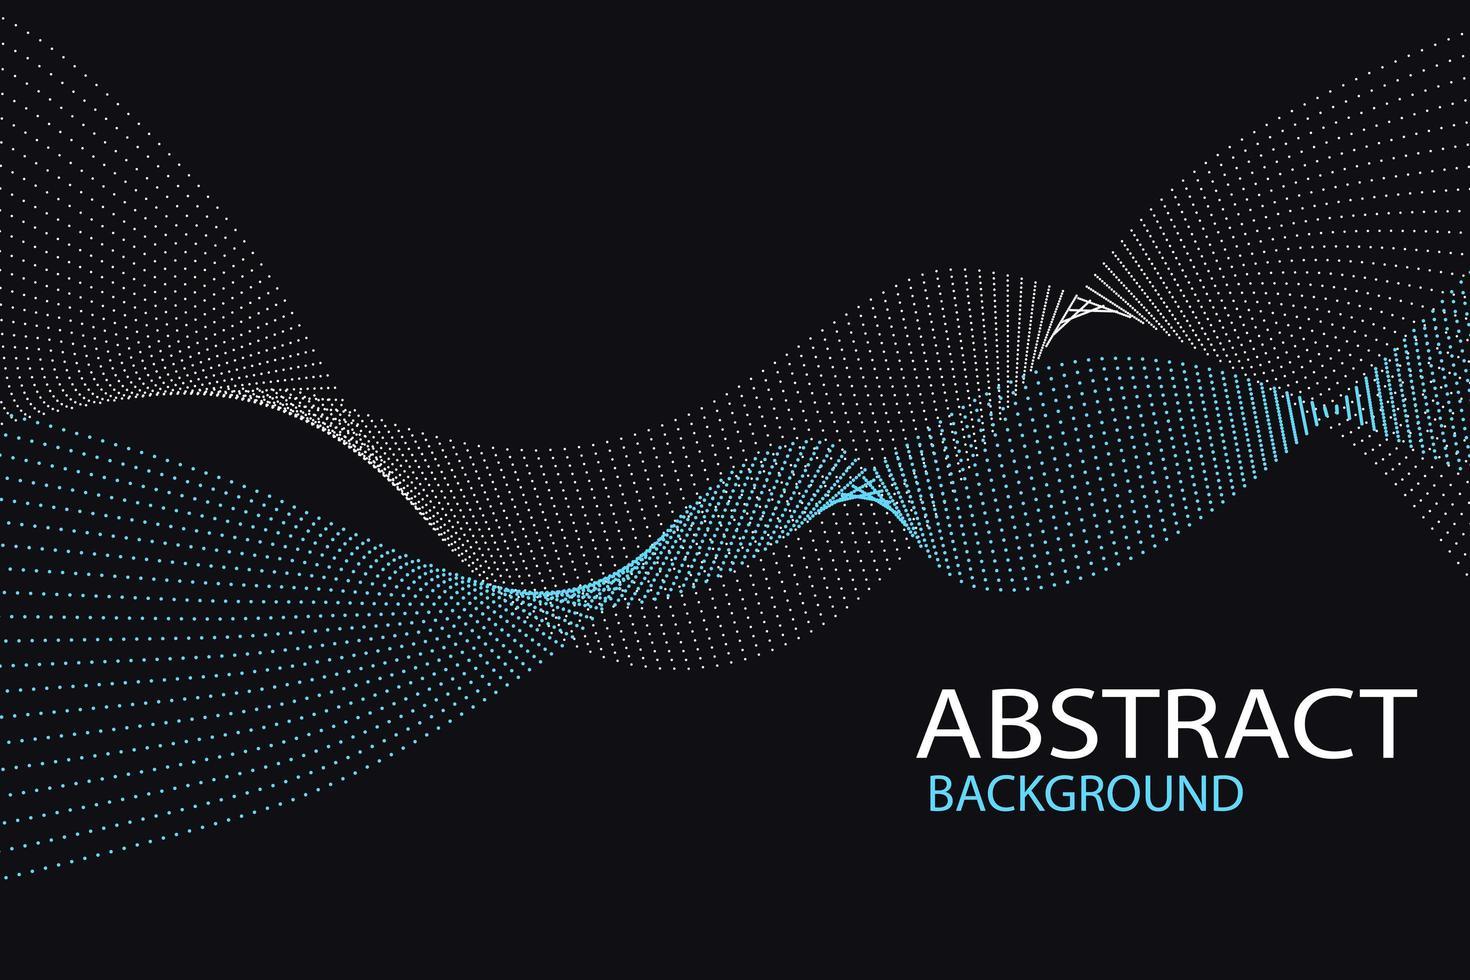 abstrakter dunkler Hintergrund mit gewellten gepunkteten Streifen vektor